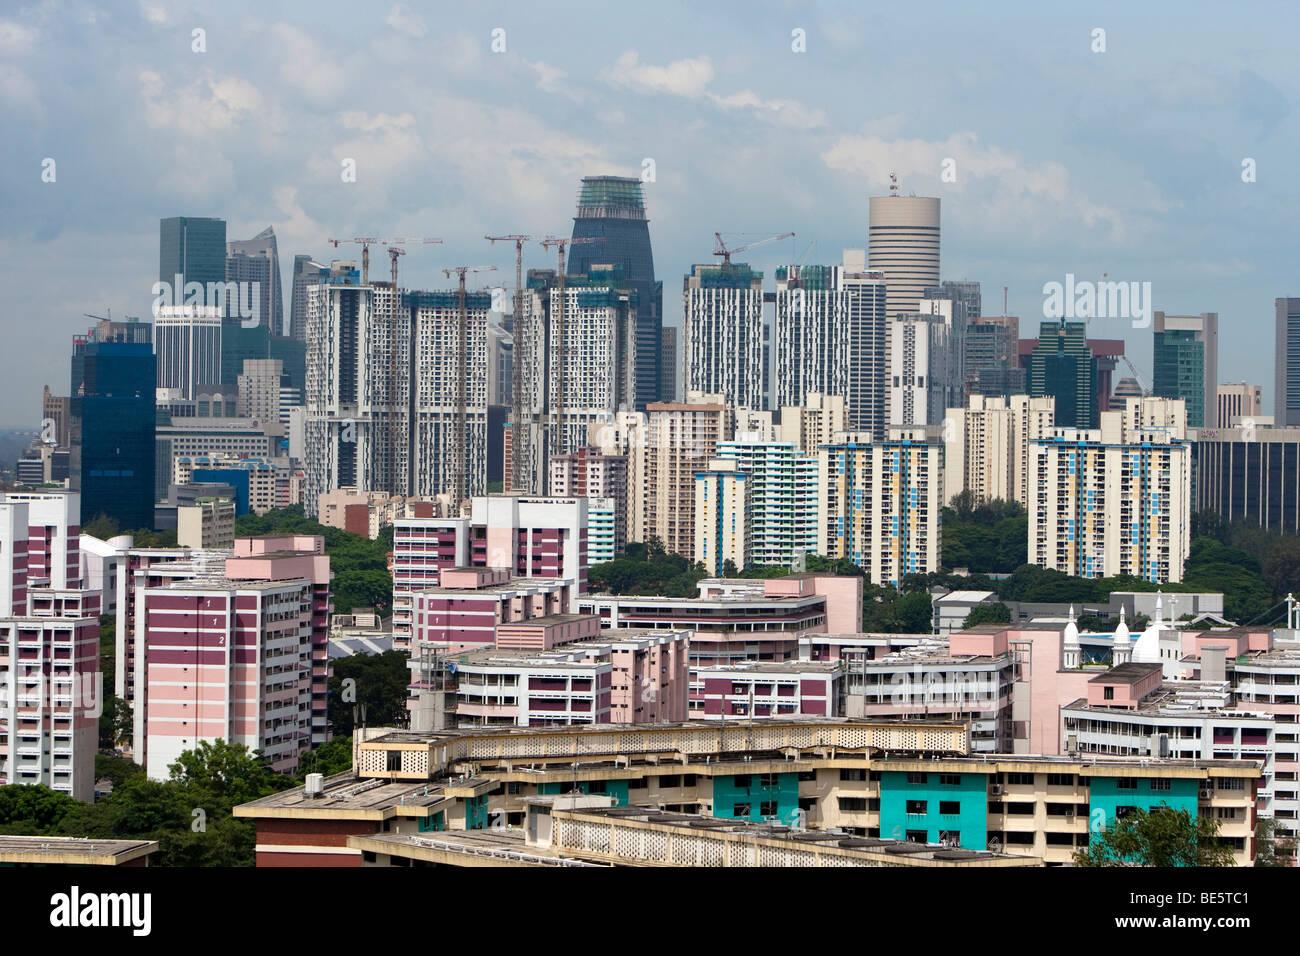 Lo skyline di Singapore, grattacieli con alloggiamento economici, dietro il costoso quartiere centrale degli affari Immagini Stock